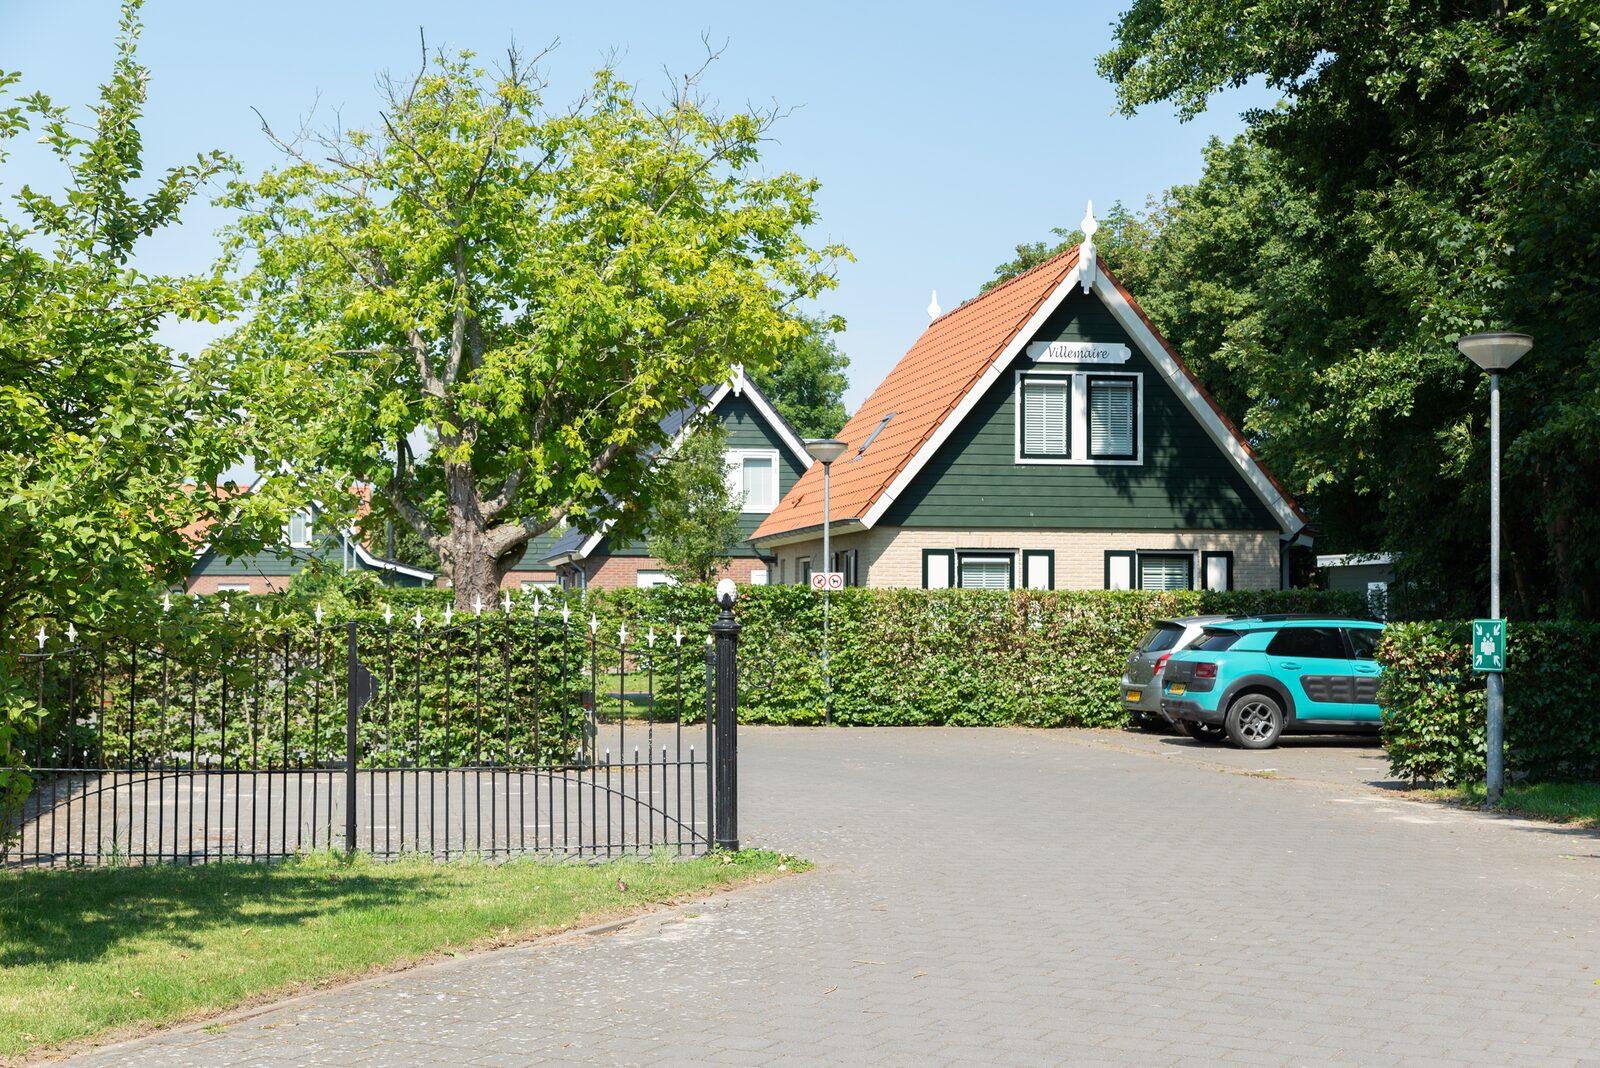 Holidayhouse - Zuidweg 18 | Zonnemaire 'Park Villemaire huisje 17'